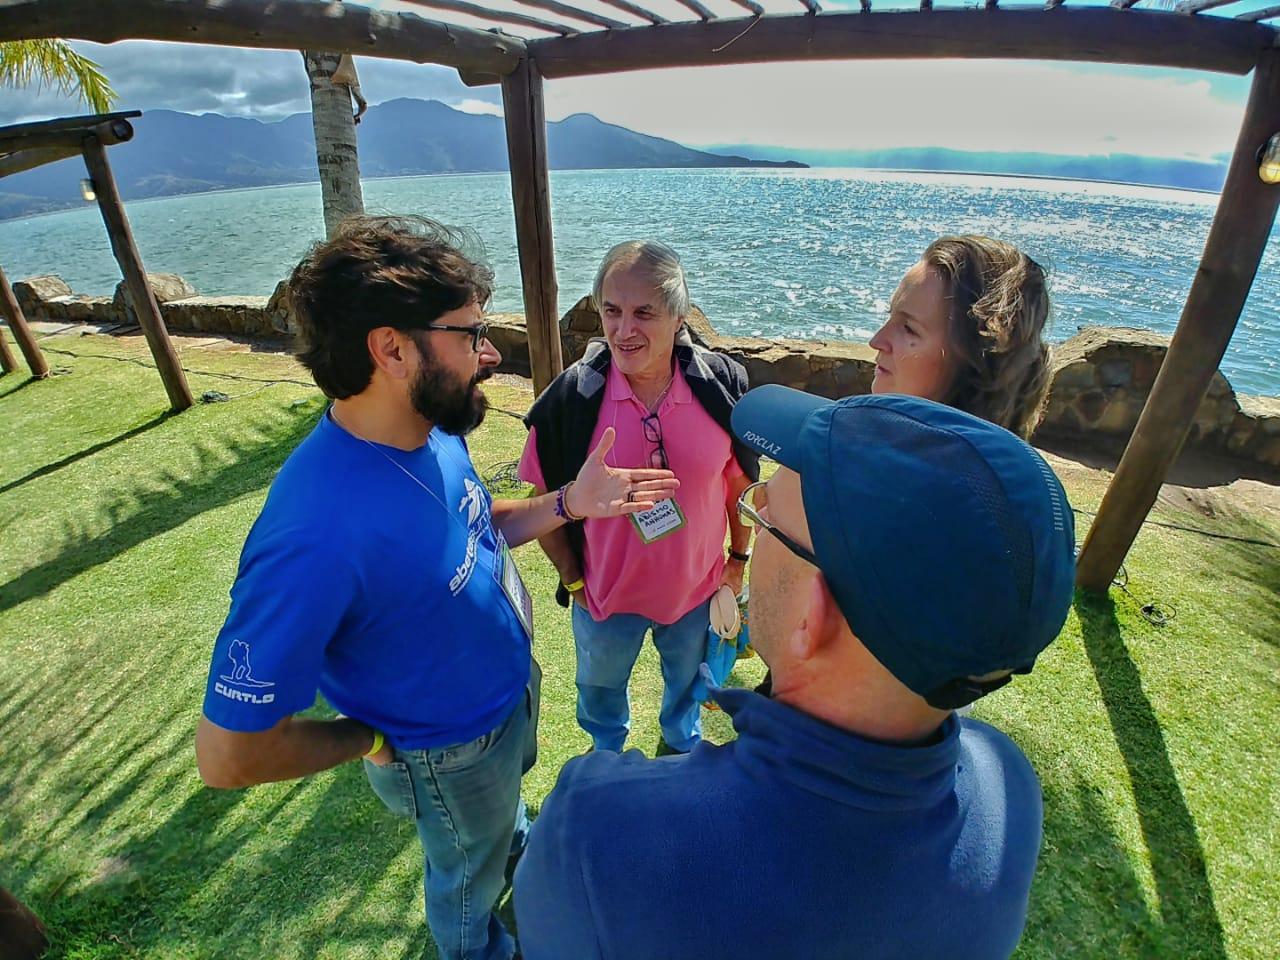 O que tem sido feito para fortalecer o ecoturismo no Brasil?